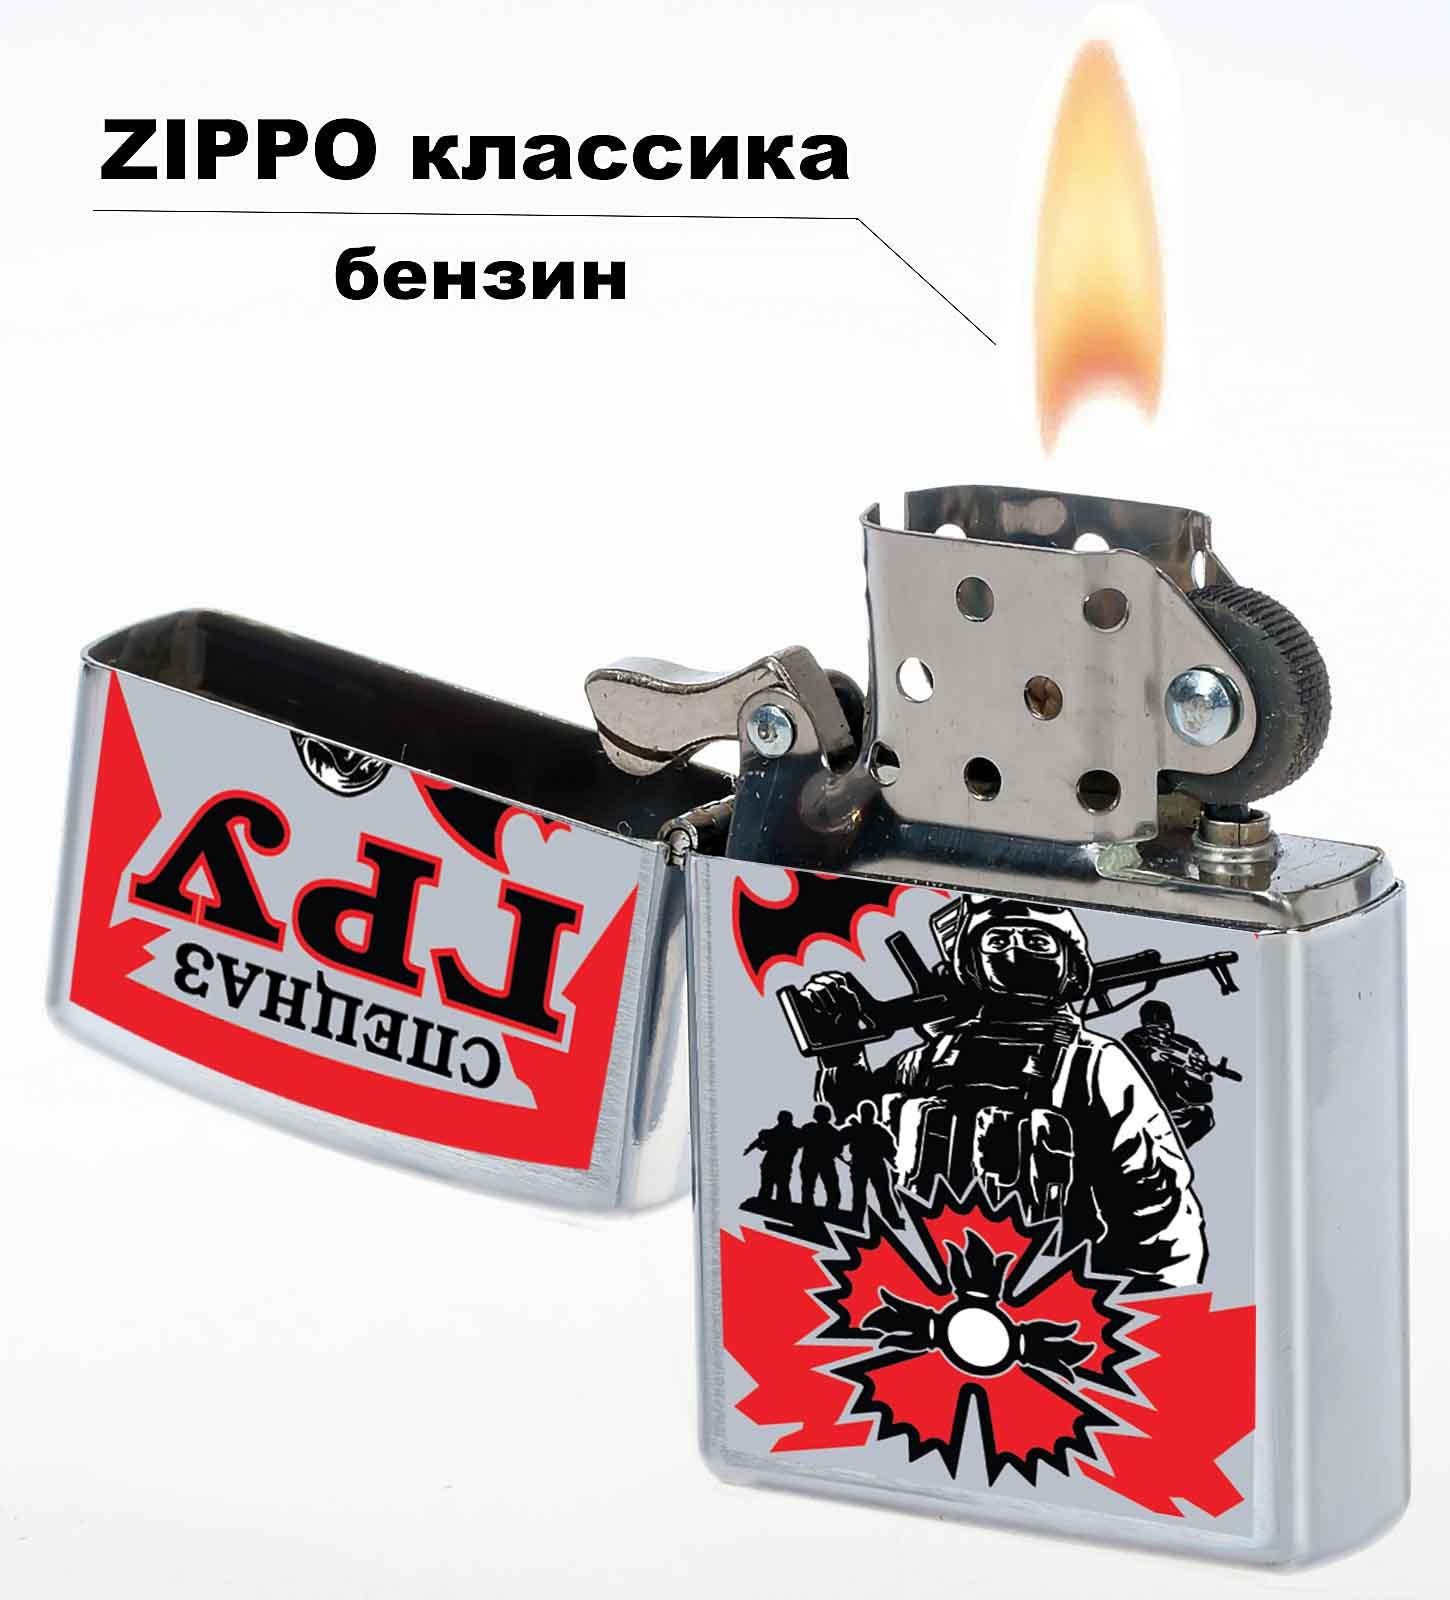 """Купить бензиновую зажигалку """"Спецназ ГРУ"""" оптом или в розницу"""